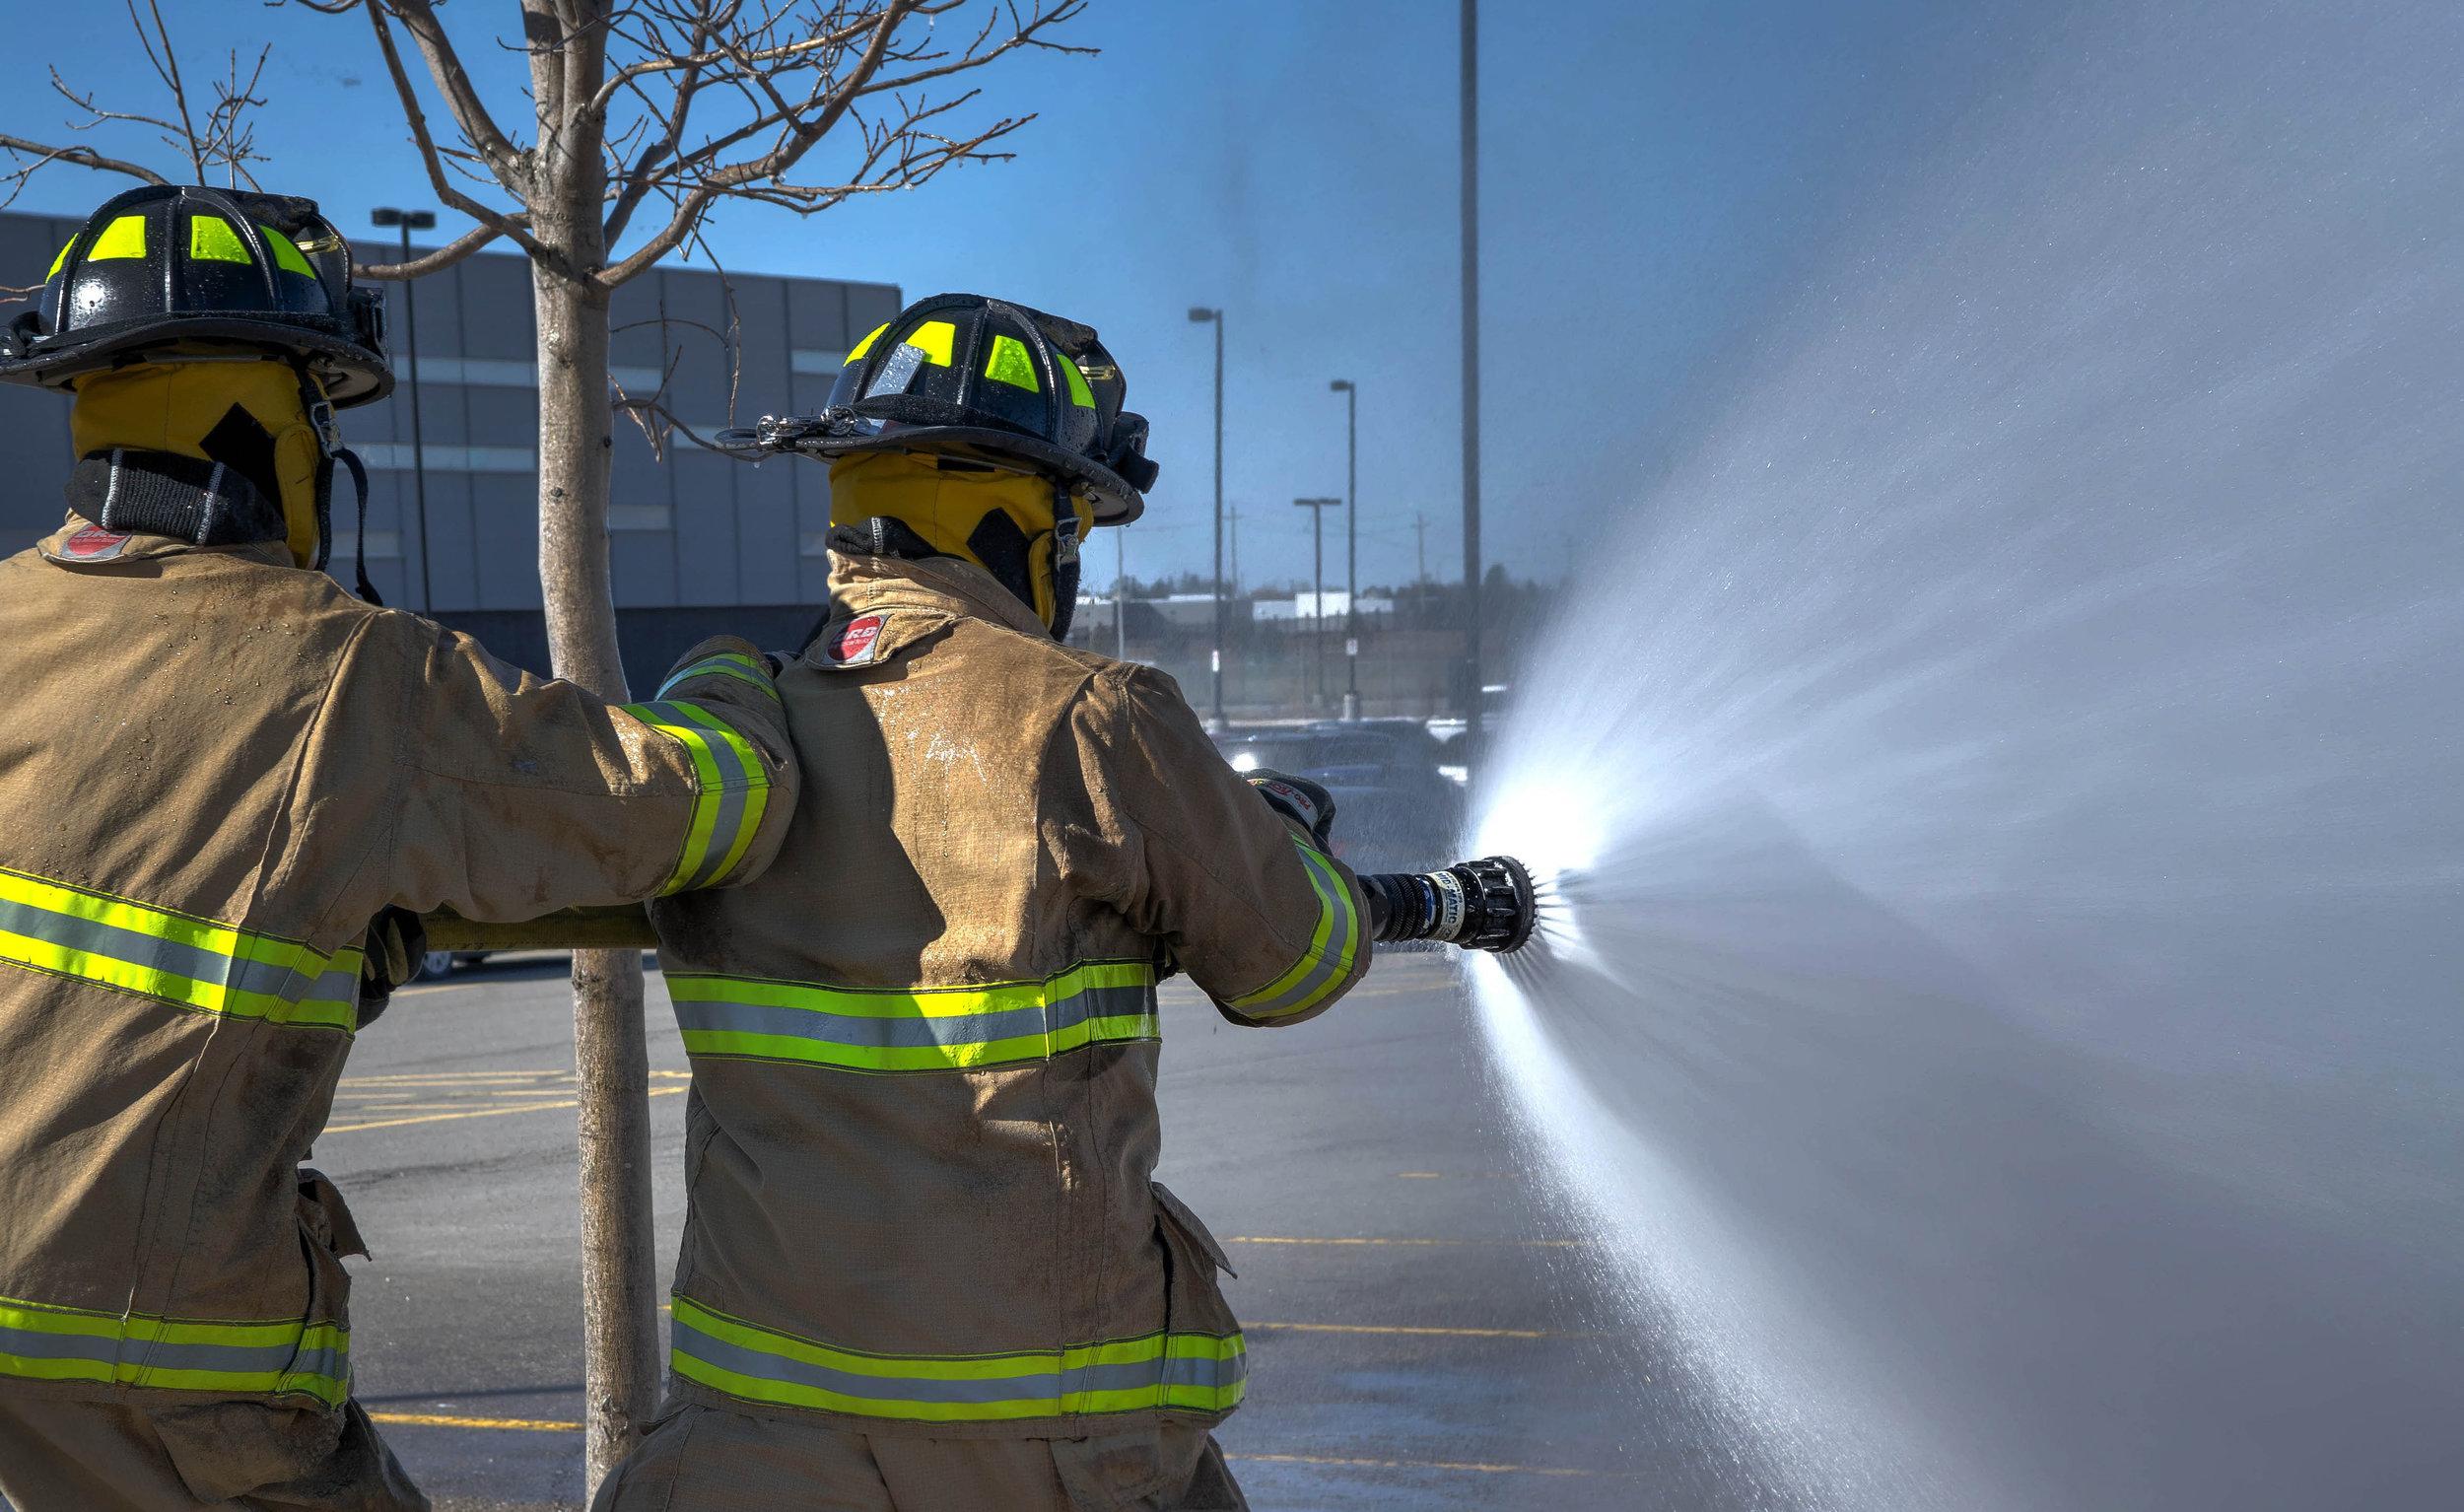 firefighter backup support.jpg